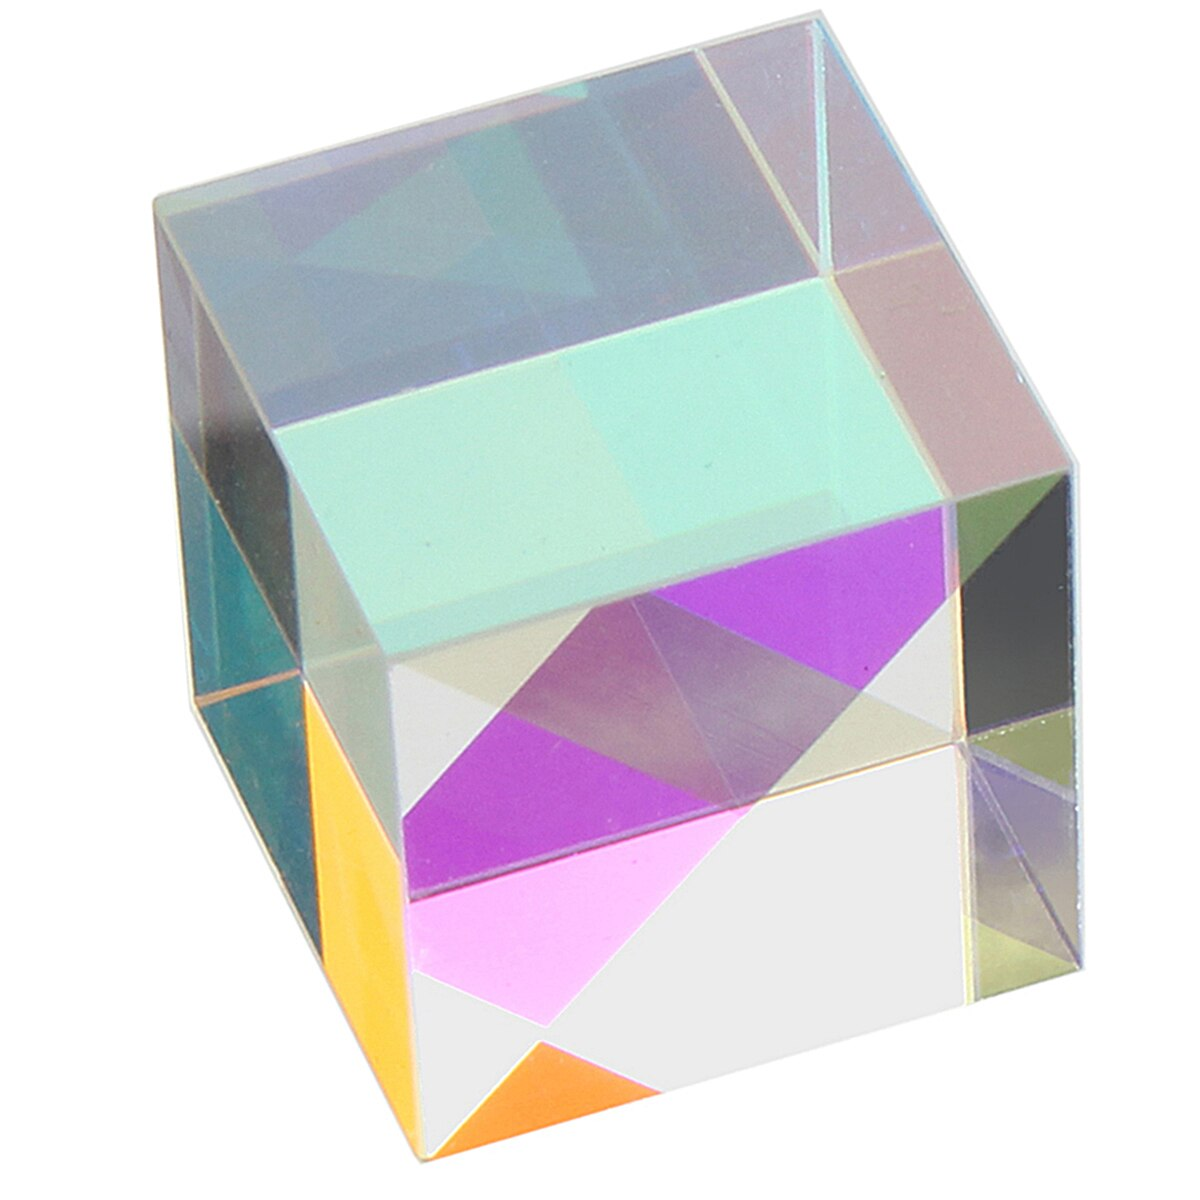 20x20mm K9 cubo prisma láser haz combinado cubo divisor vidrio decoración cuadrado cubo RGB instrumentos enseñanza herramientas Decoración